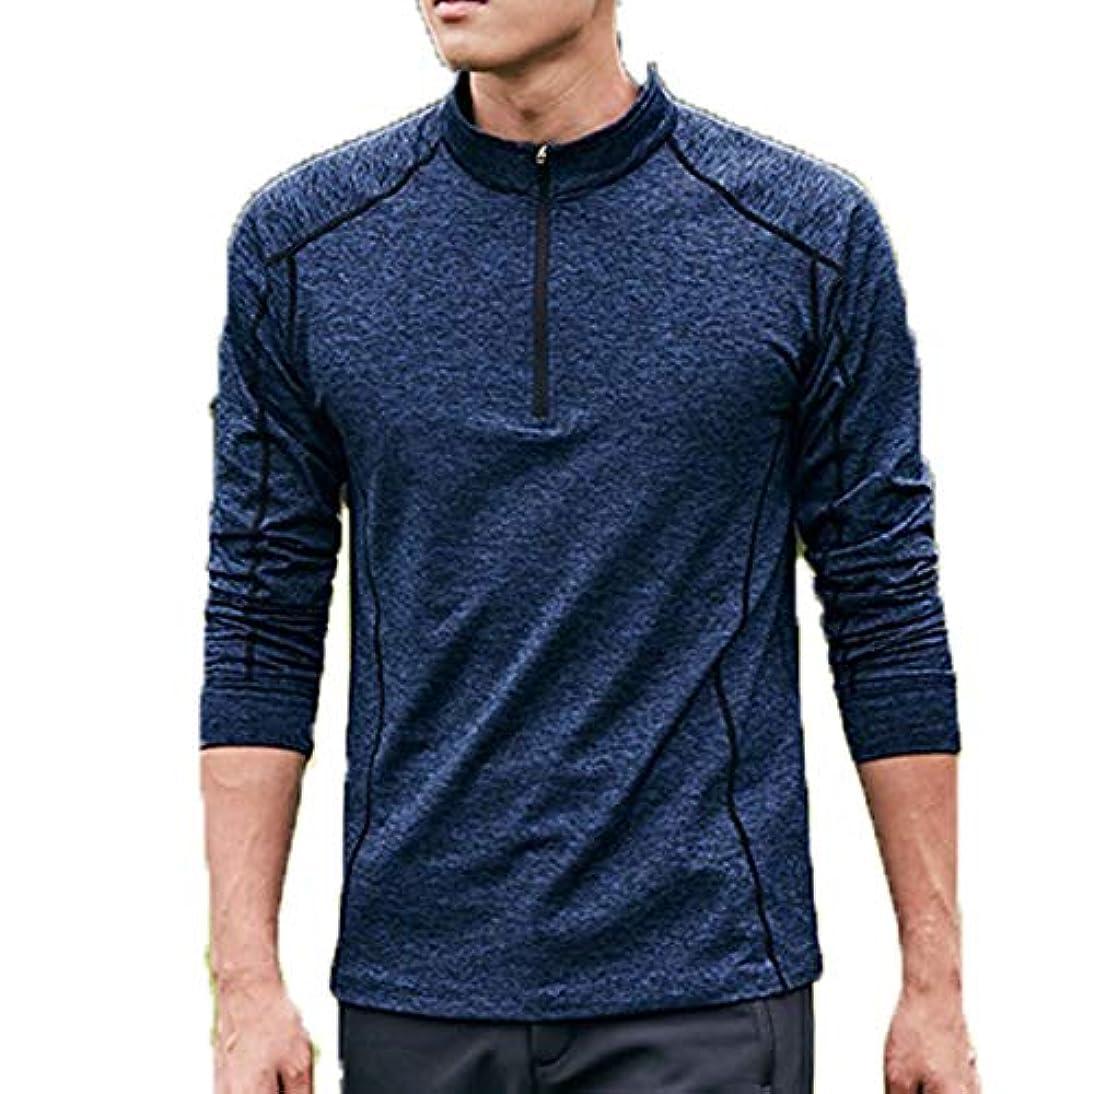 消費ダウンタウンフォアタイプ[ココチエ] Tシャツ 速乾 アンダーウェア メンズ 長袖 吸水 ジッパー ストレッチ 無地 ランニング 登山 アウトドア 自転車